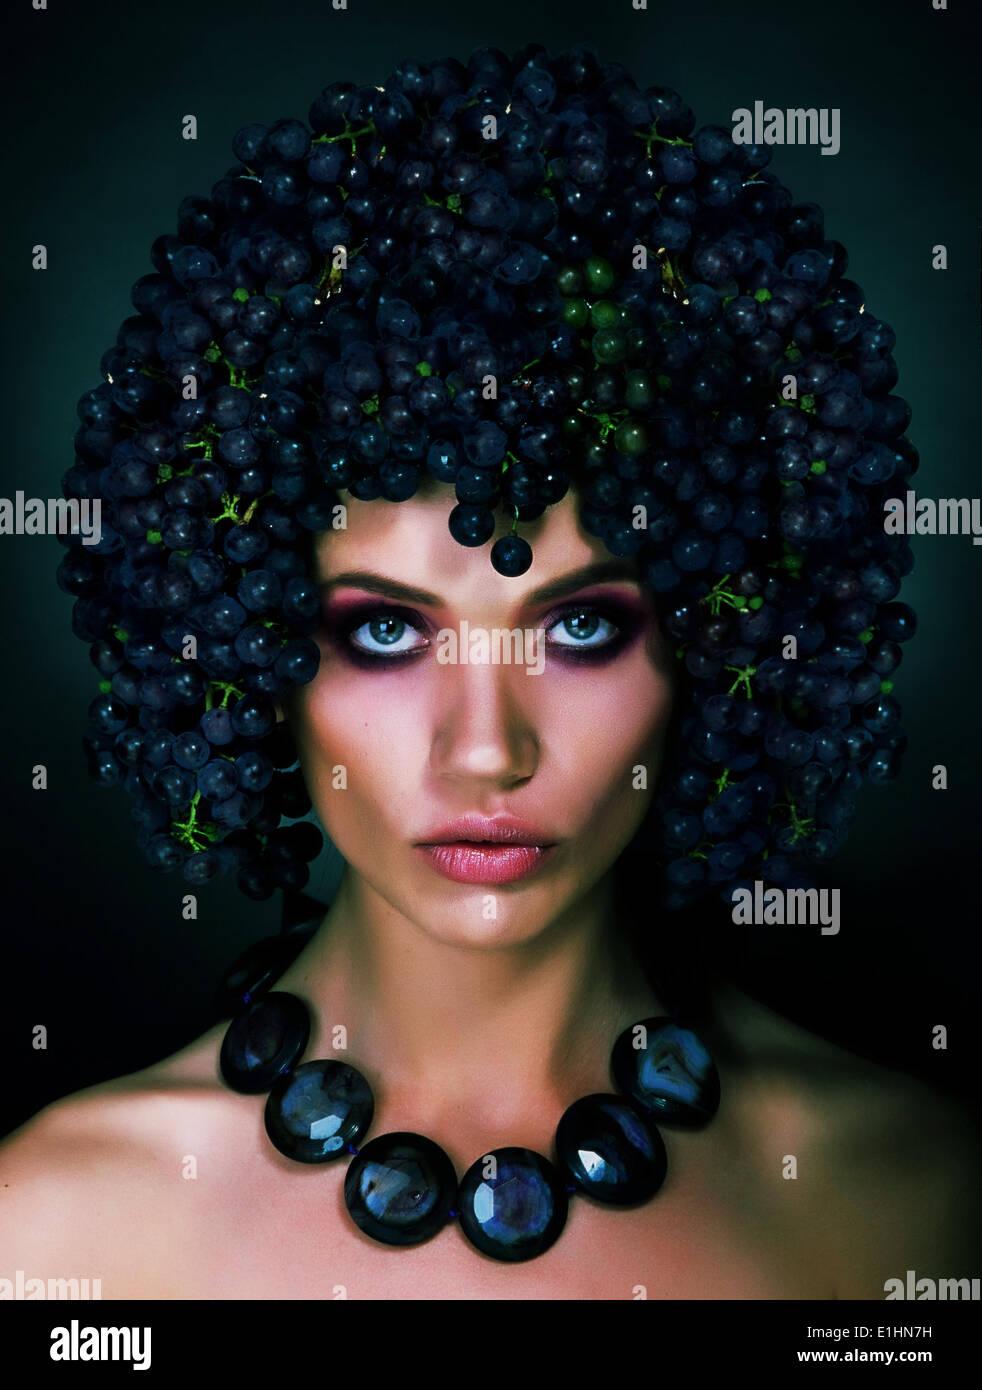 Ritratto di donna autunno con uva sulla sua testa. Acconciatura alla moda Immagini Stock